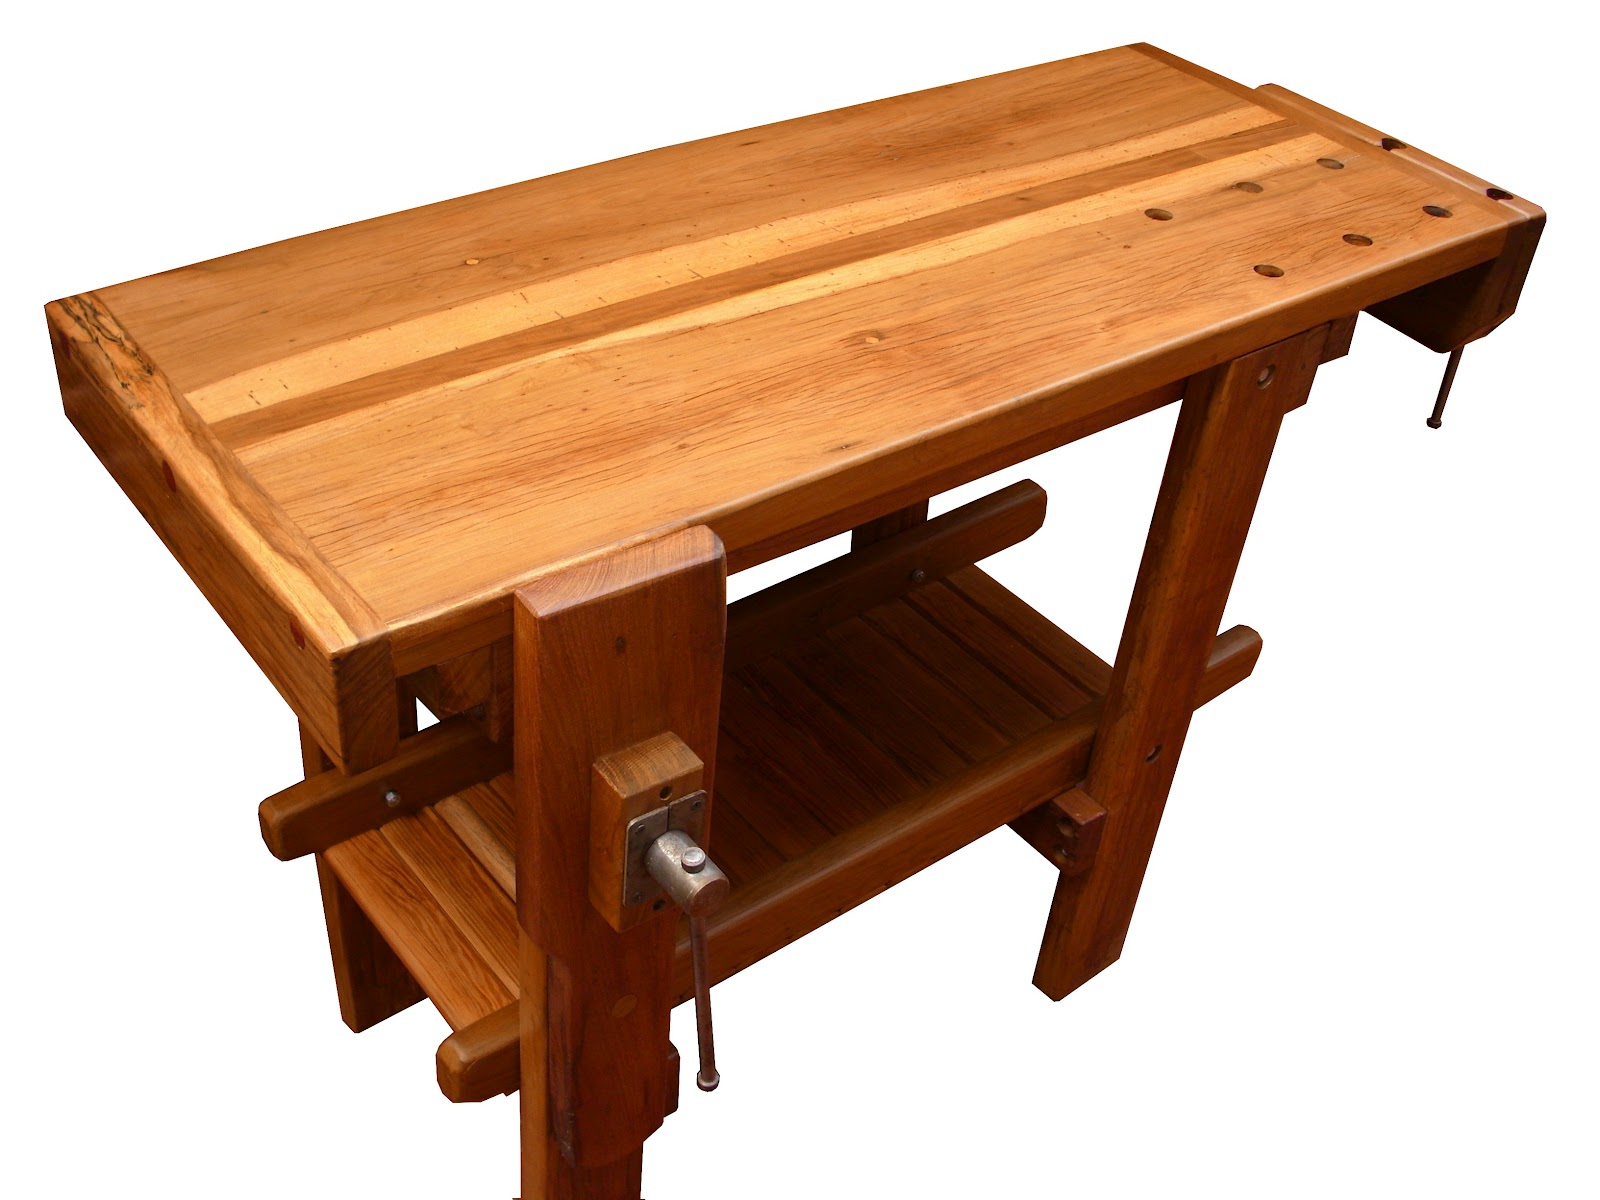 Banco de carpintero tallado ebanisteria carpinterof for Mesa de carpintero